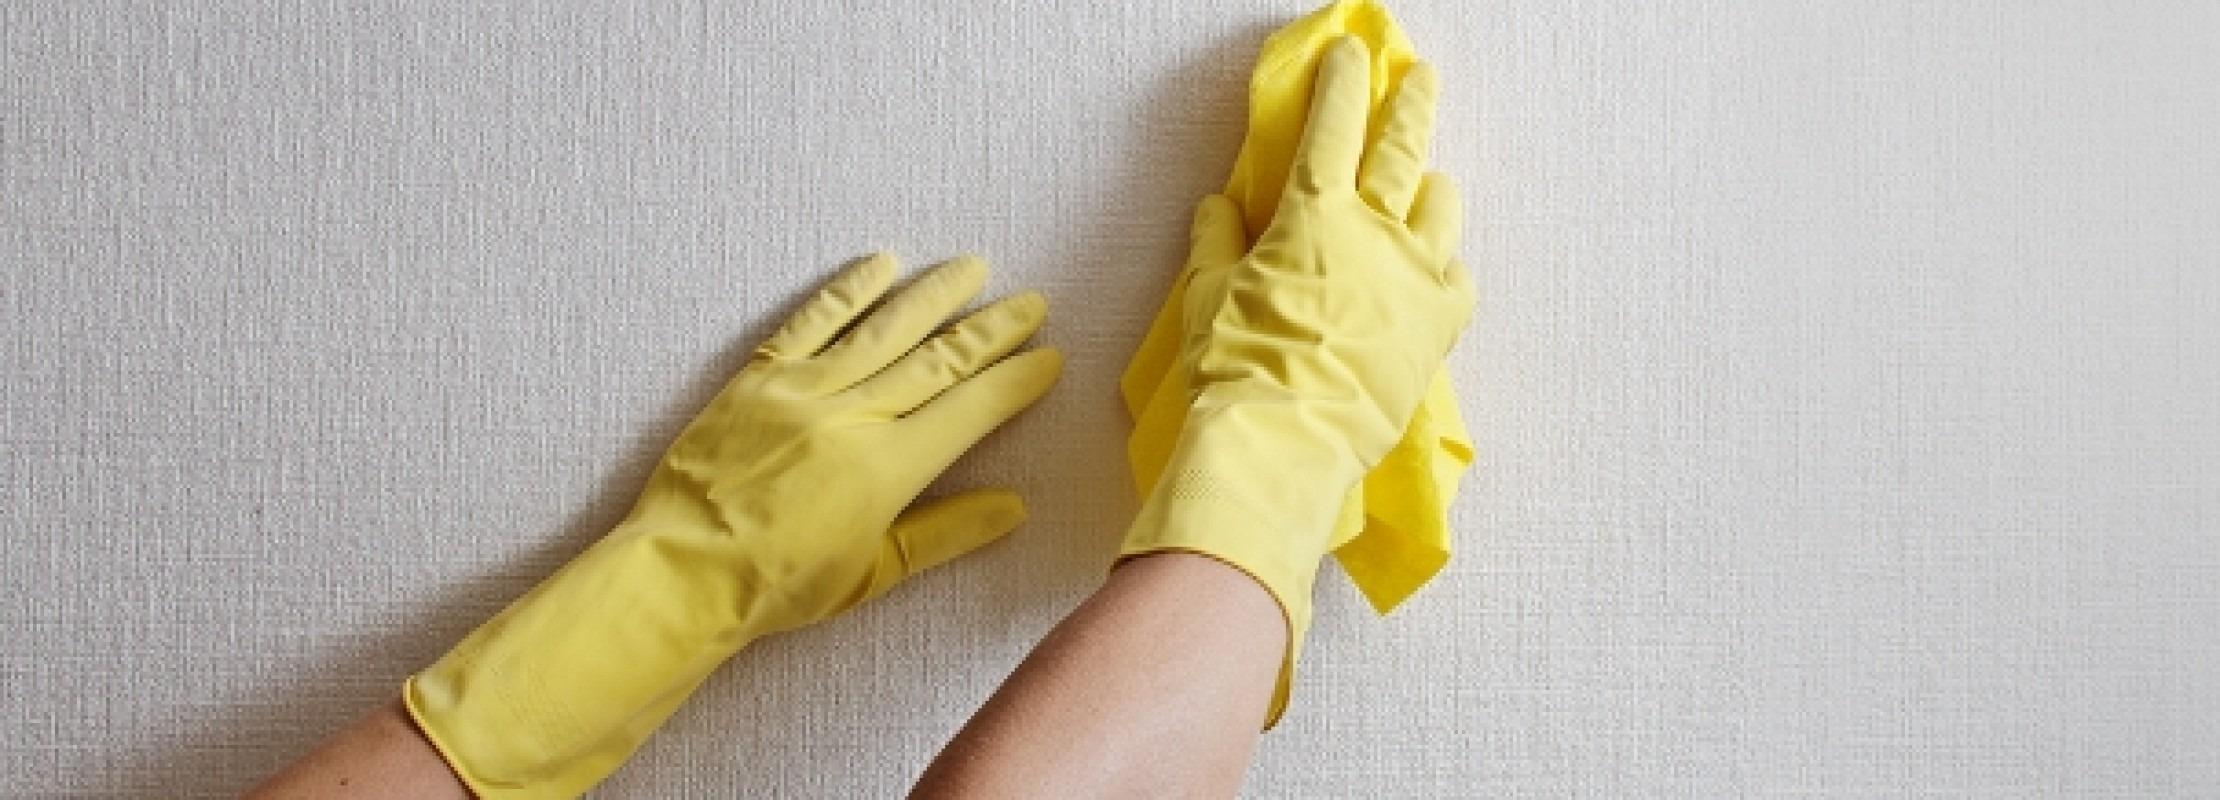 Come pulire la carta da parati